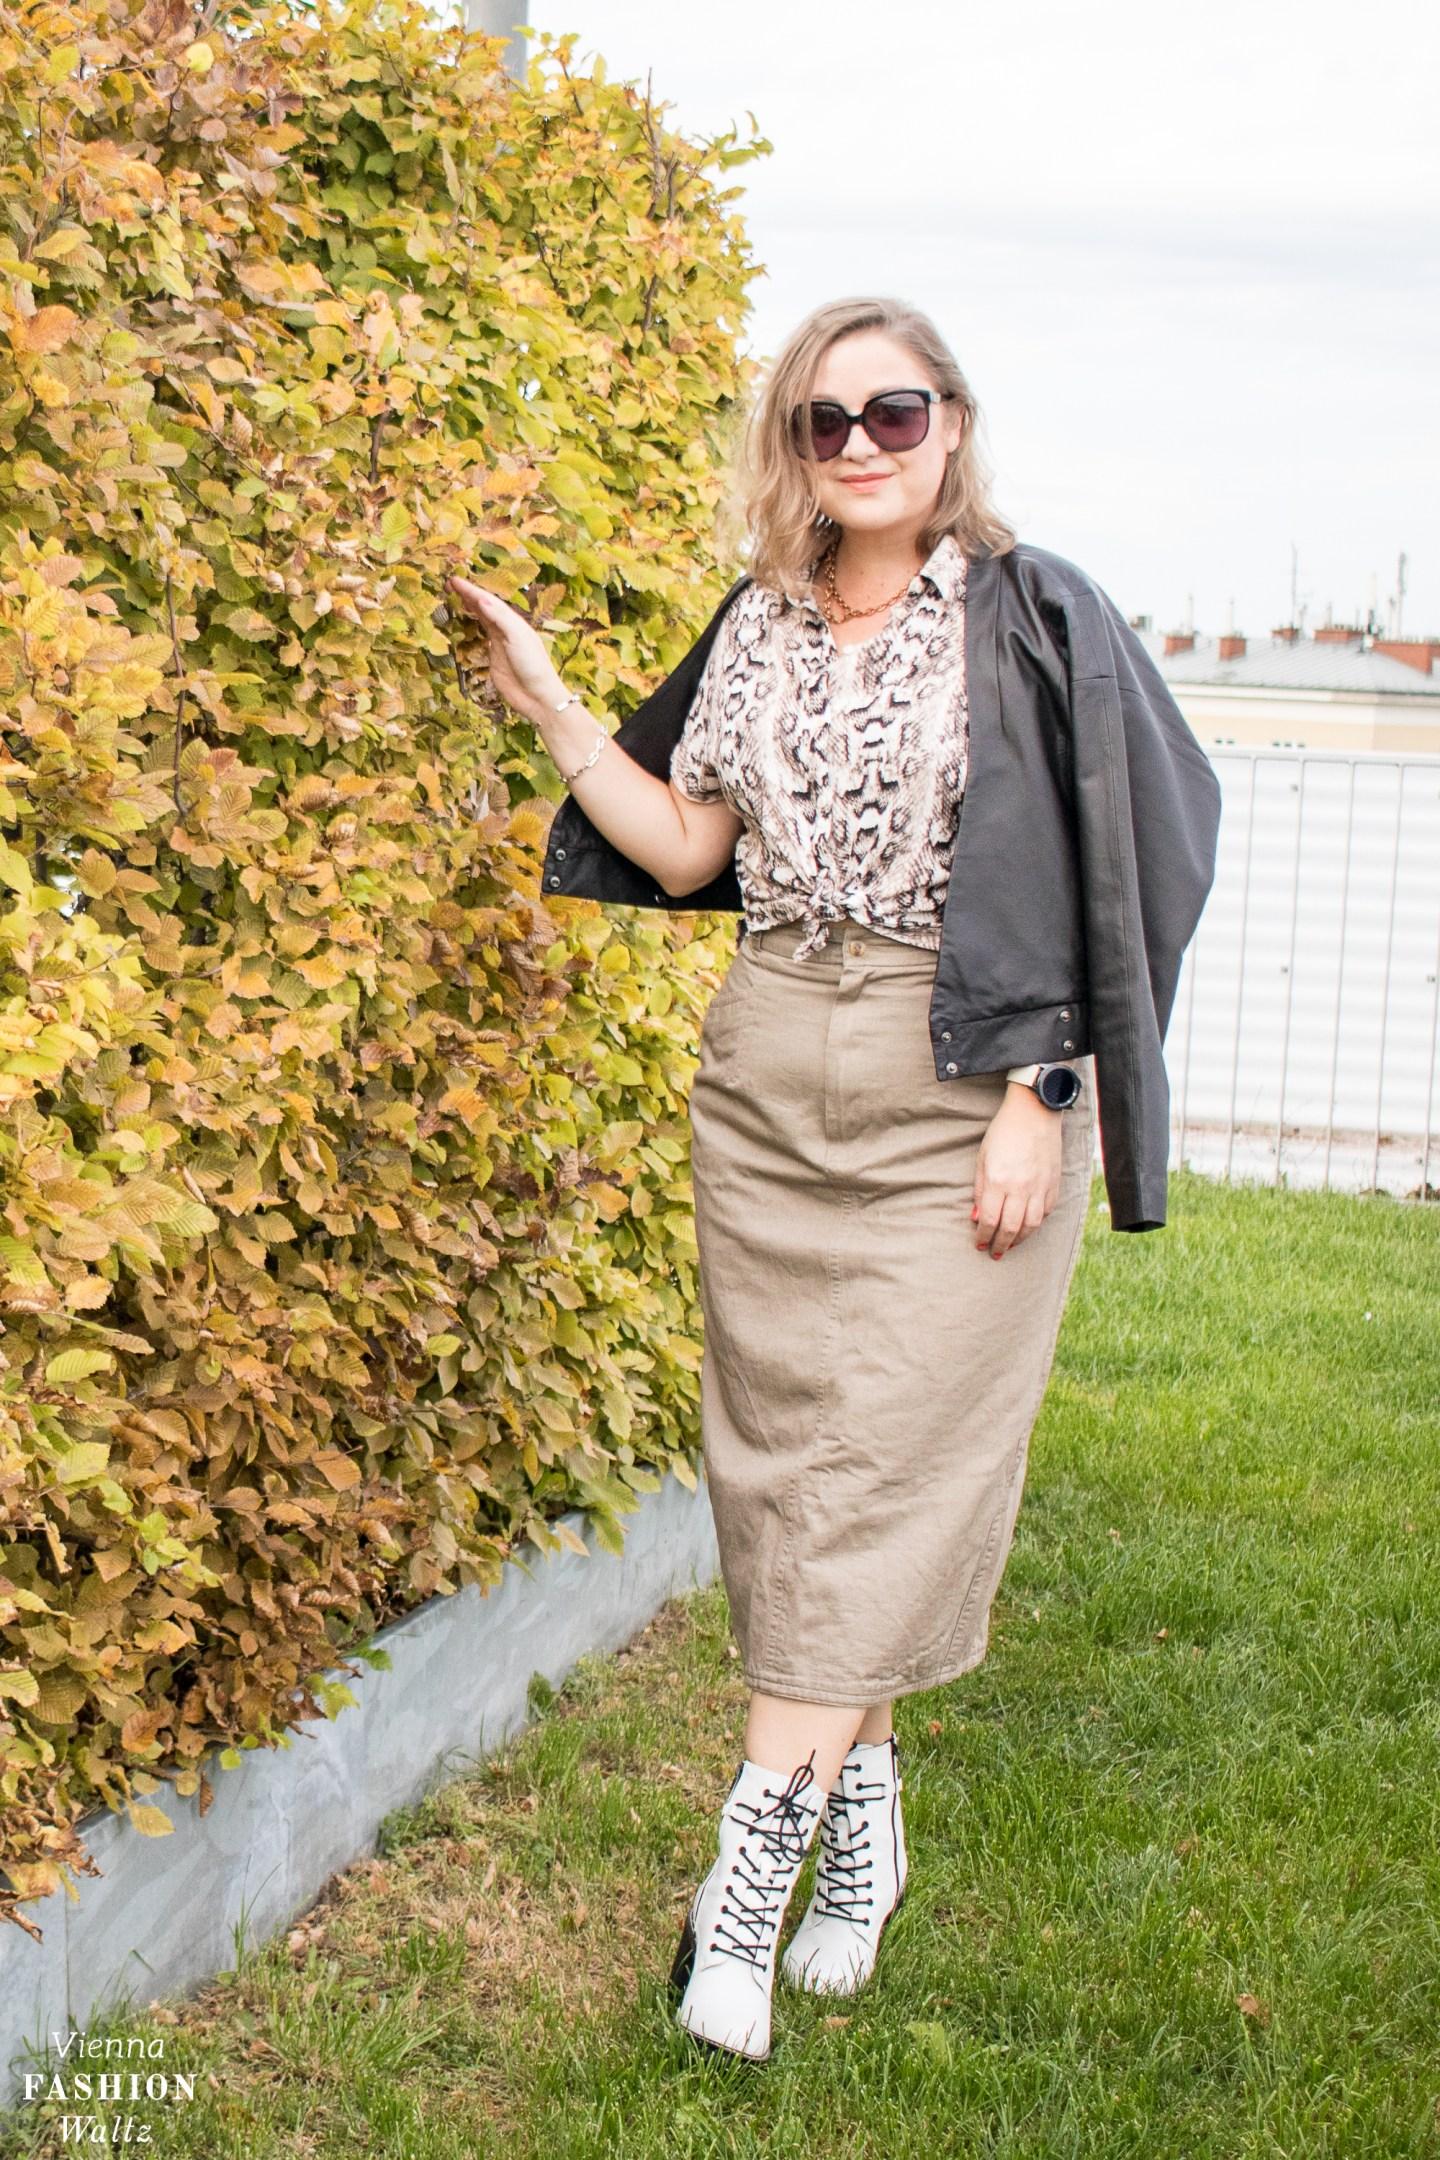 Herbst Outfit und die besten Trends für den Übergang, stylishe Ideen für einen coolen Look